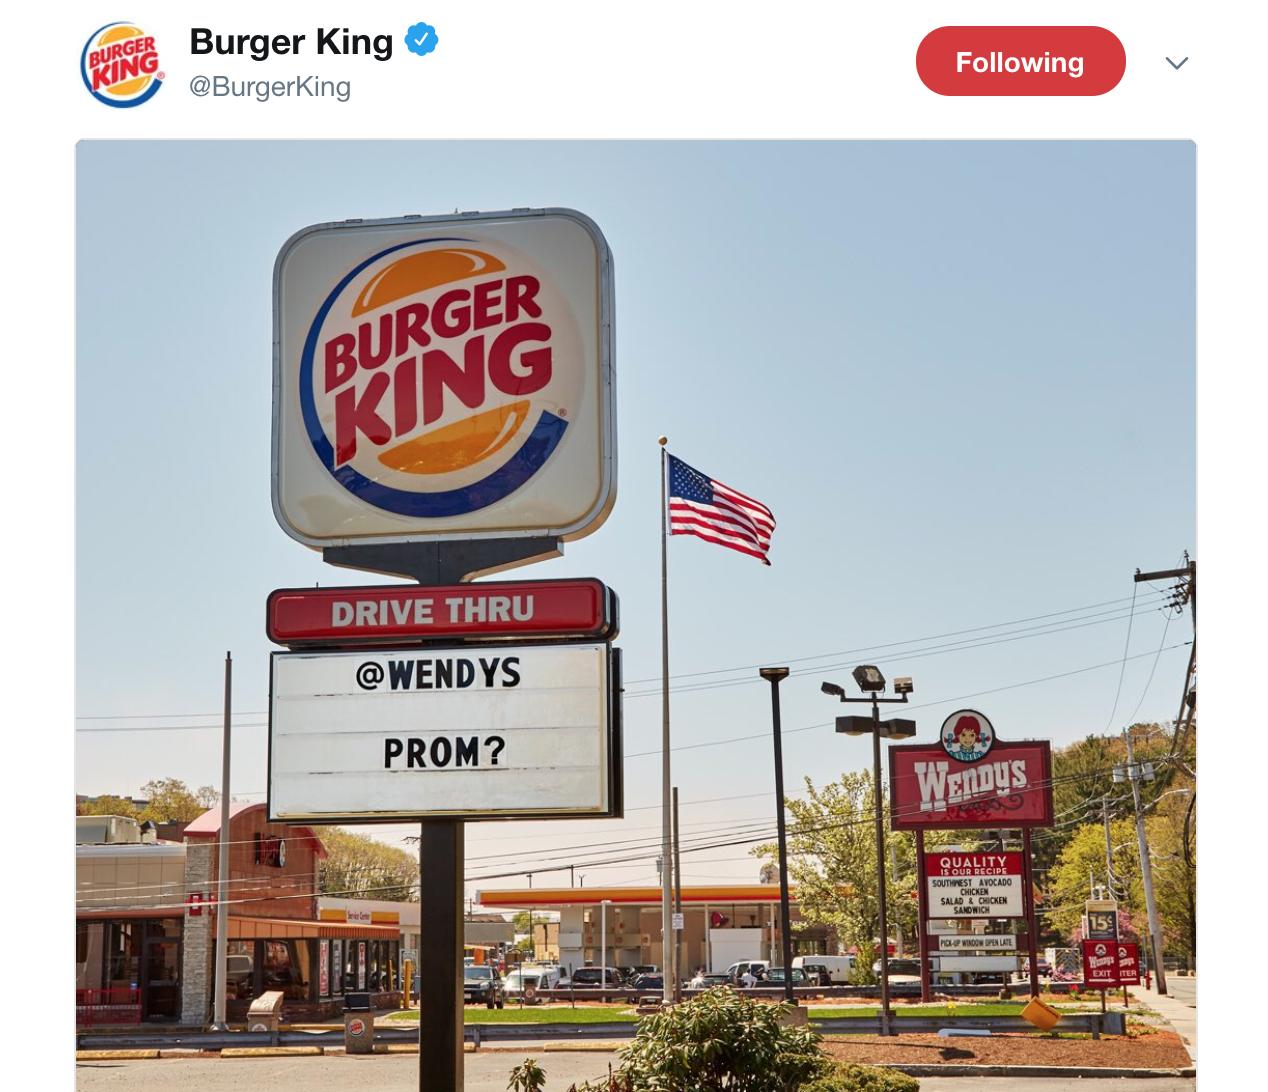 Burger King Social Media Marketing